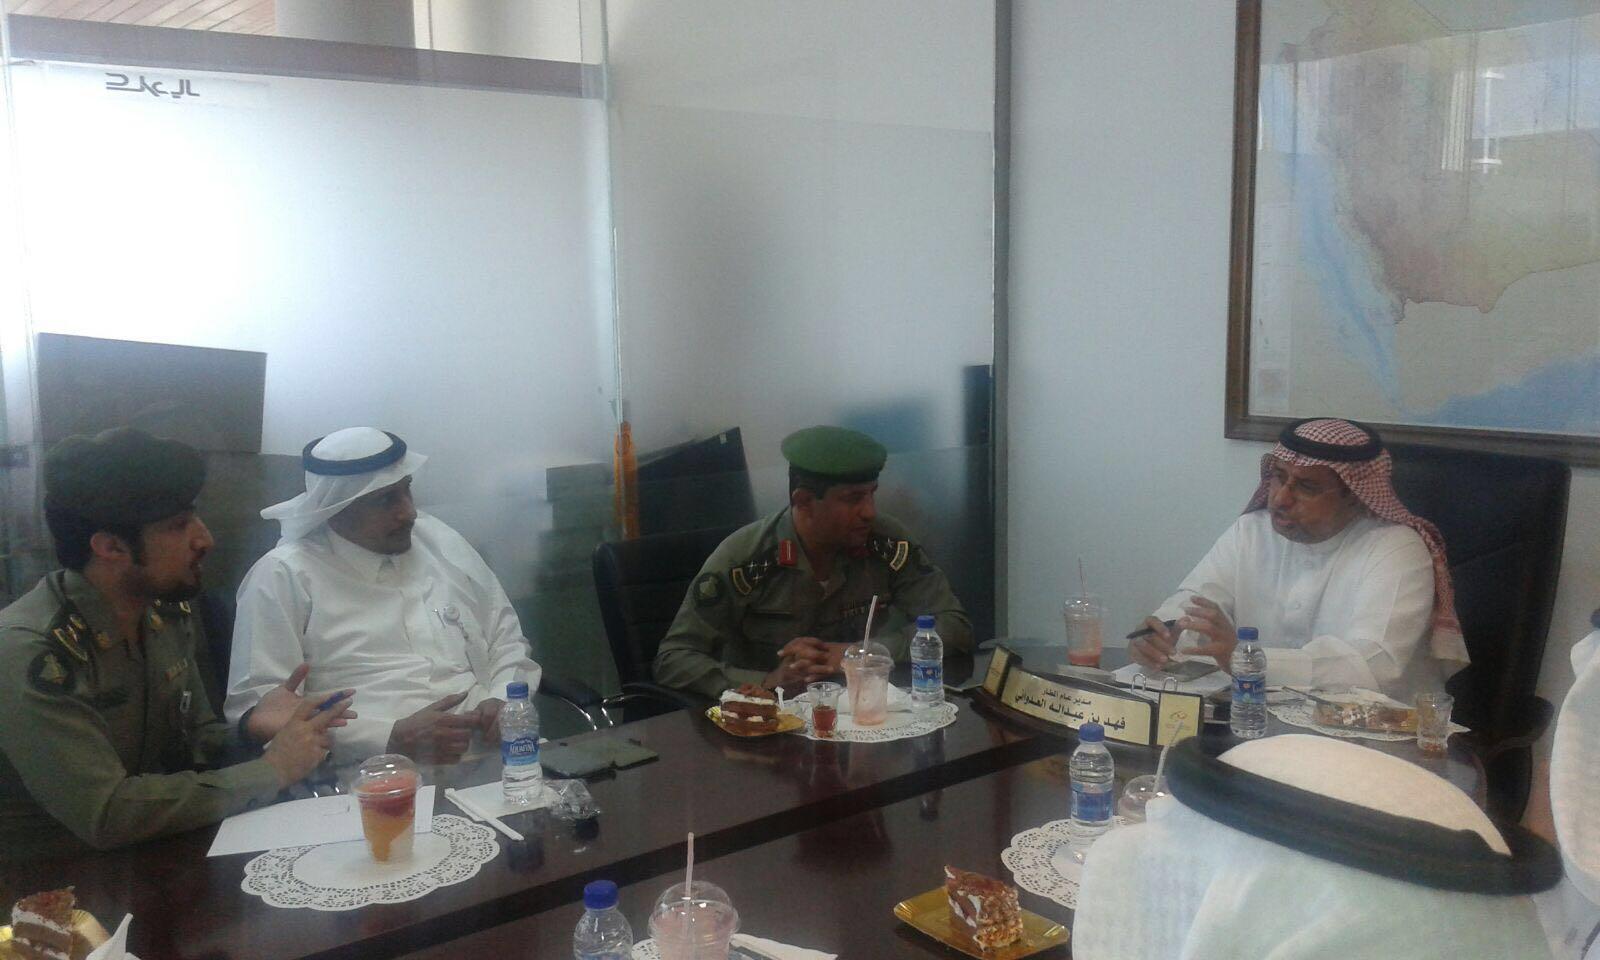 مدير جوازات منطقة عسير يتفقد جوازات مطار ابها الإقليمي ويلتقي مدير عام المطار (2)